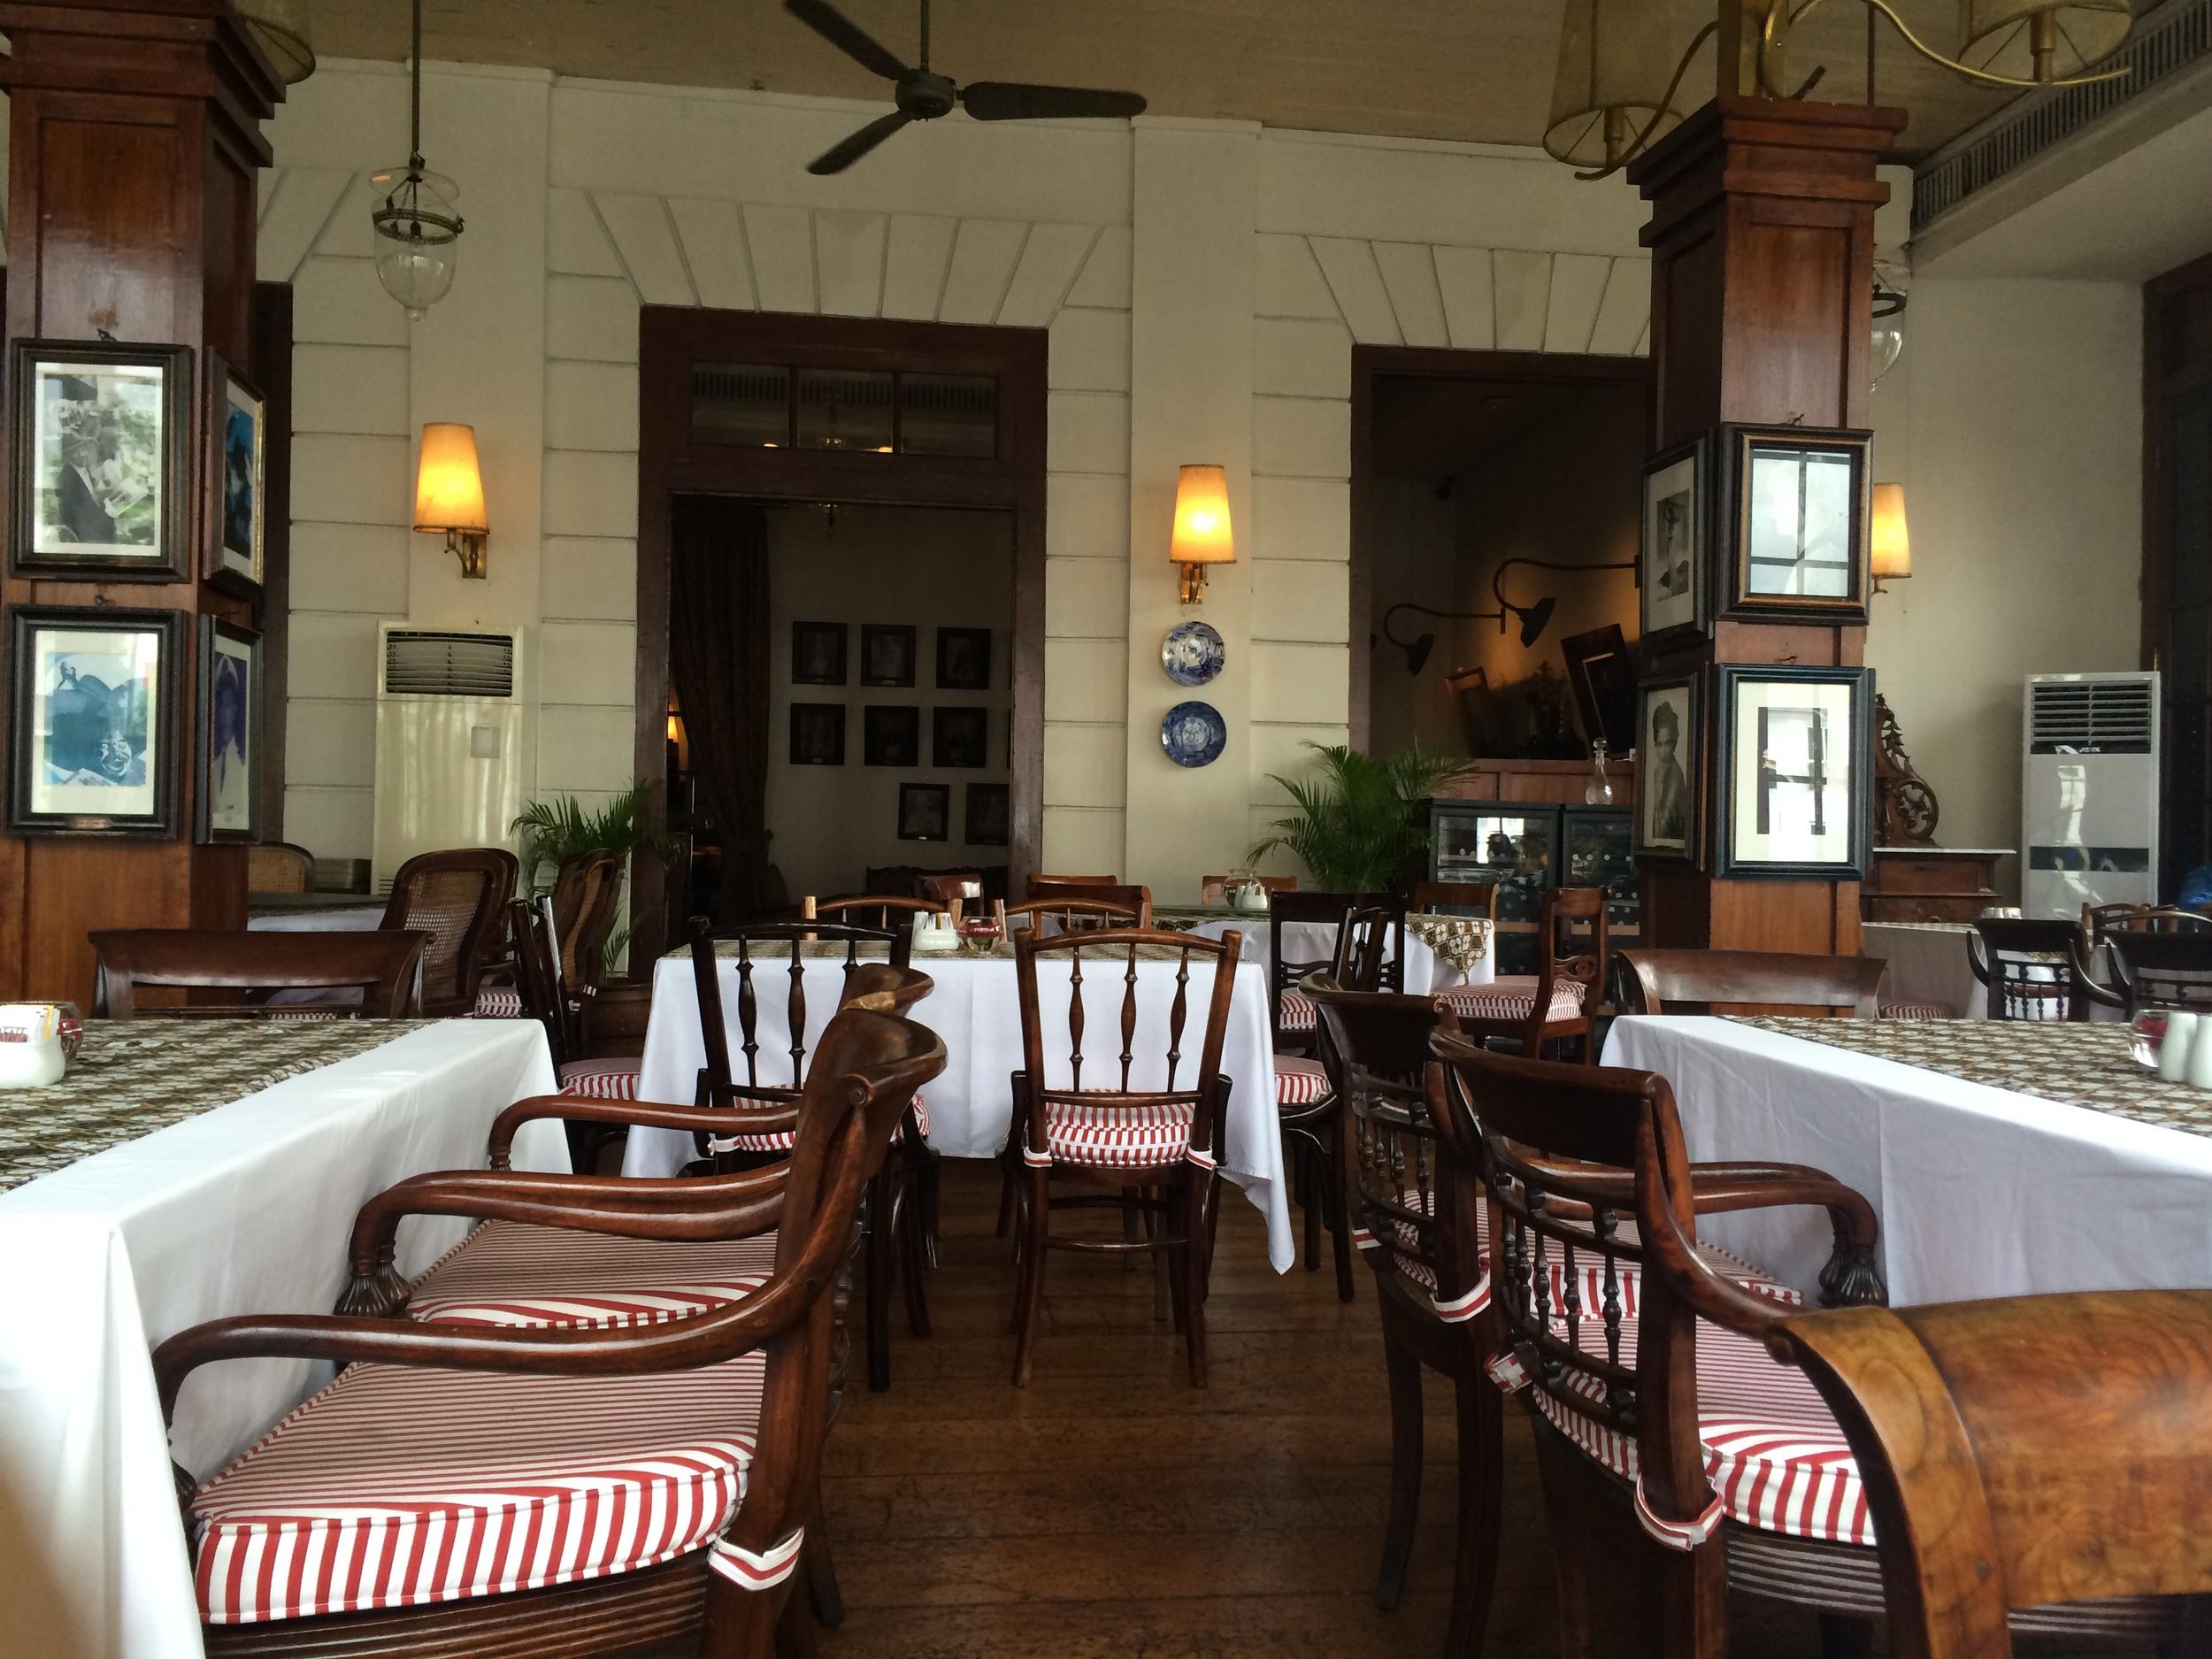 Cafe Batavia - on the inside